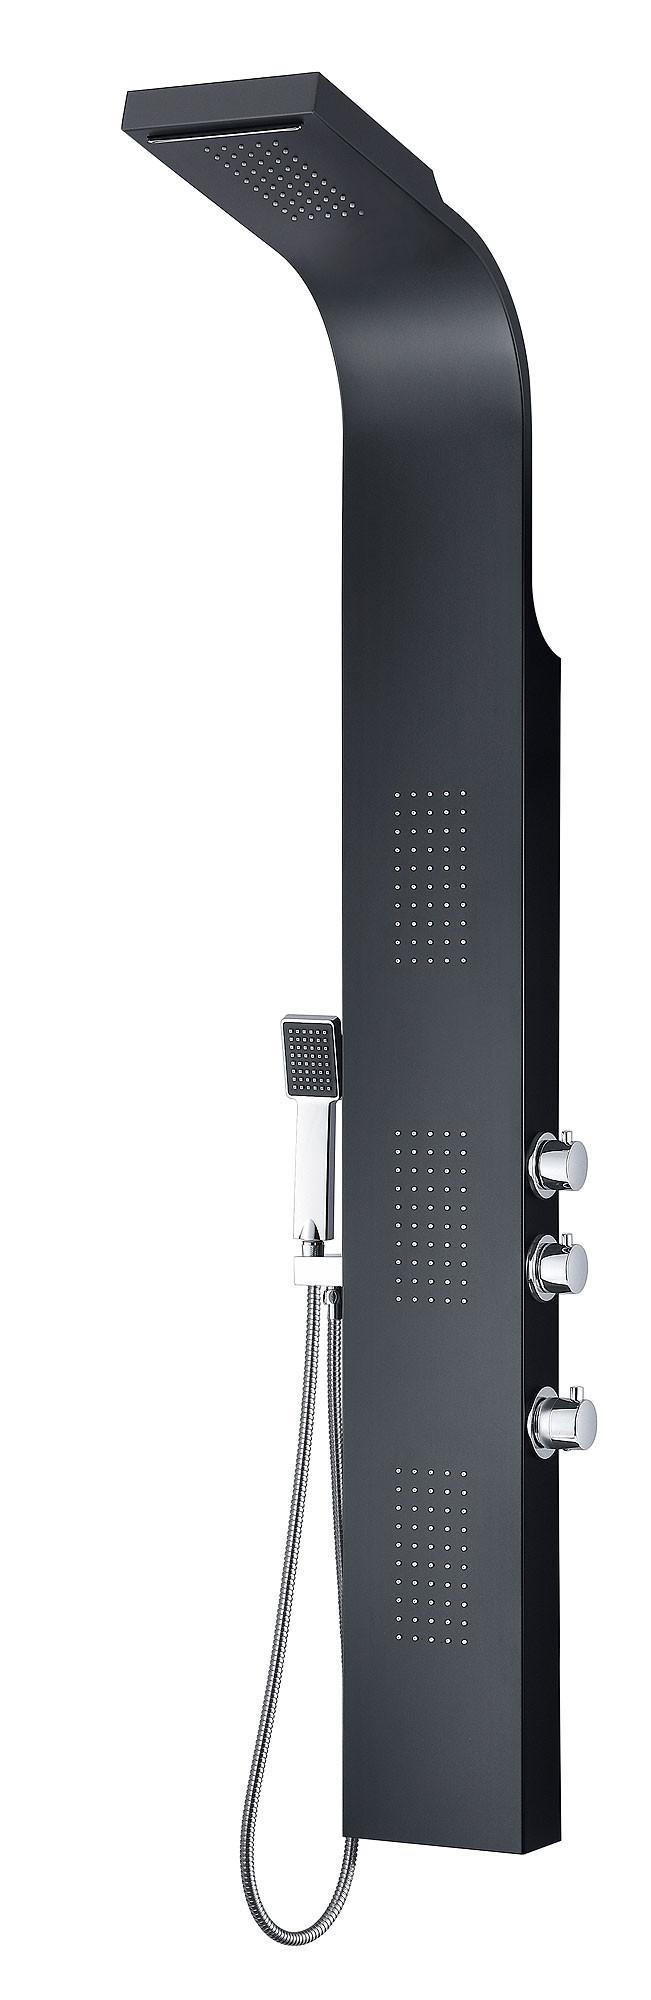 ANZZI SP-AZ056 Level Series Aluminum Full Body Shower Panel System In Black